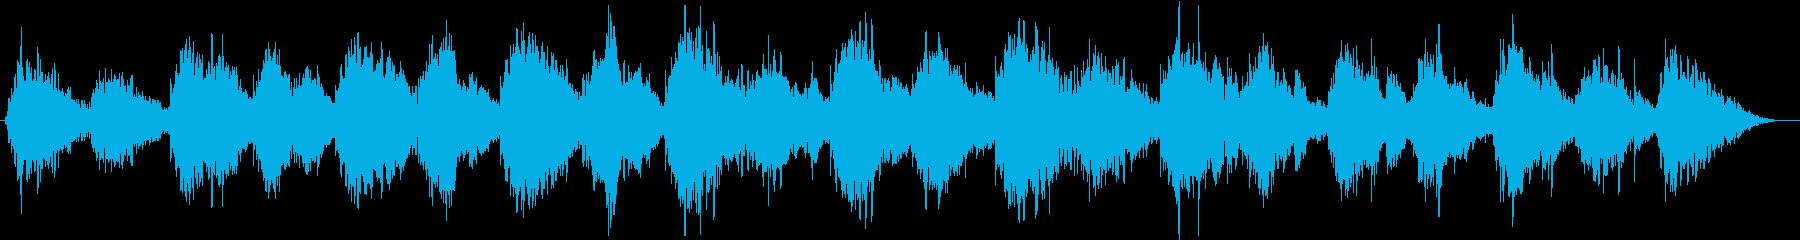 柔らかく温かなアンビエントの再生済みの波形